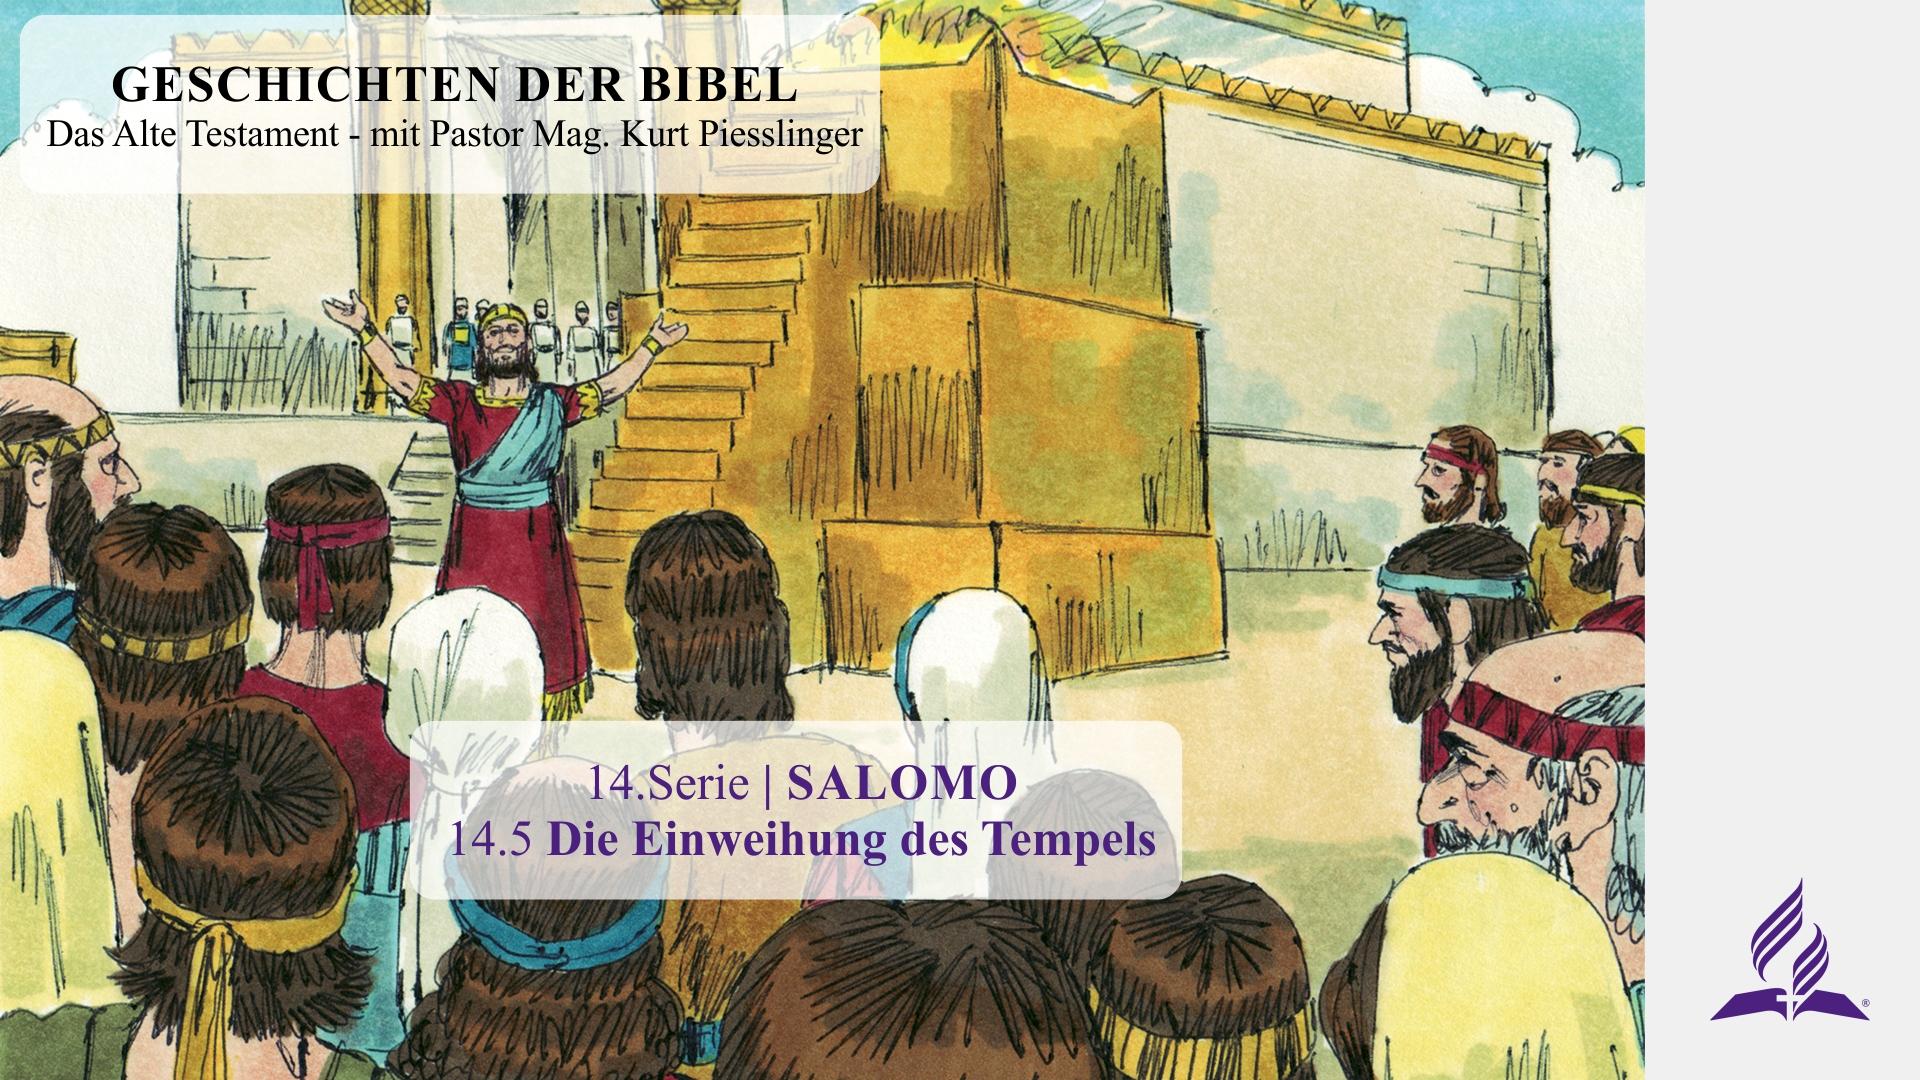 14.5 Die Einweihung des Tempels x